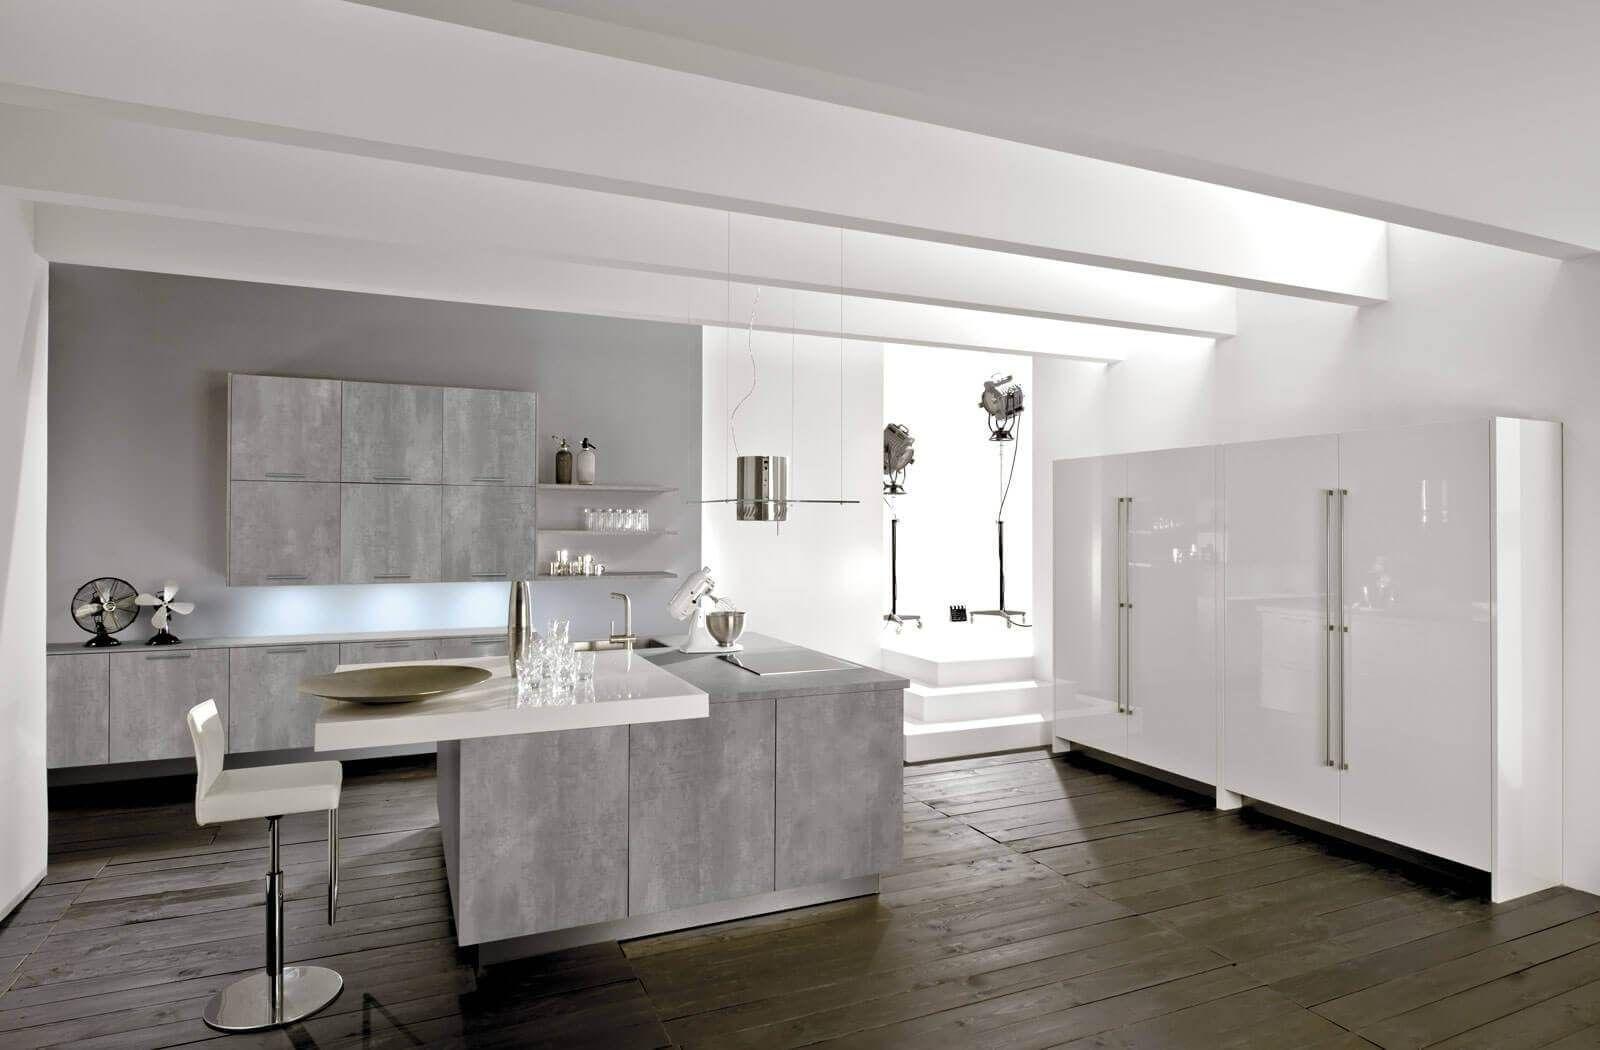 Graue Küche: Die 6 schönsten Ideen und Bilder | Graue küchen, Grau ...